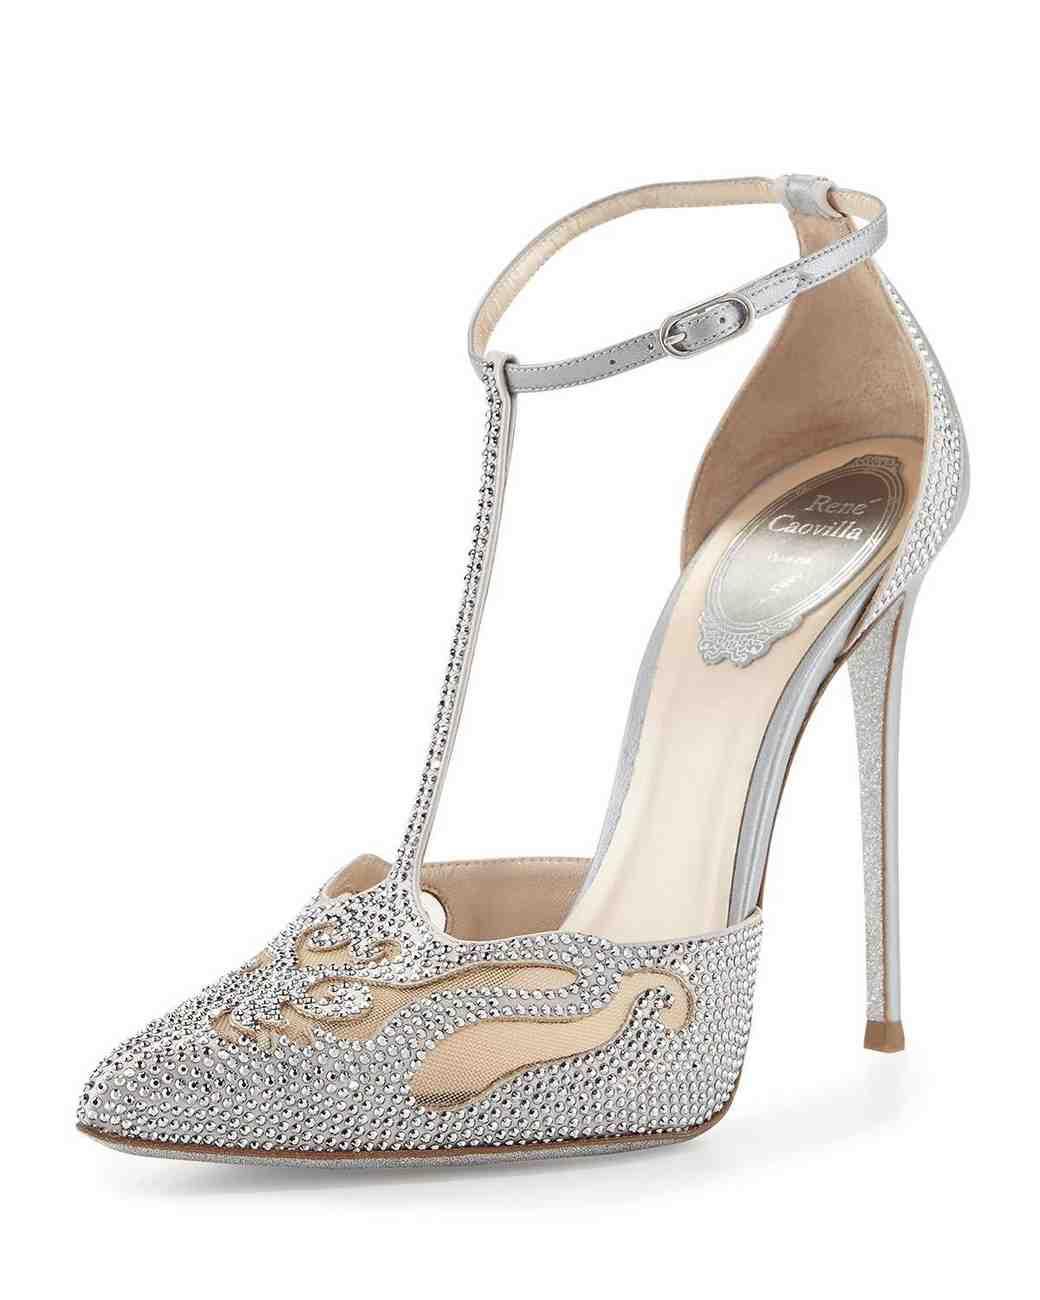 b2e3c5212e07 Closed Toe Bridesmaid Shoes – Fashion dresses